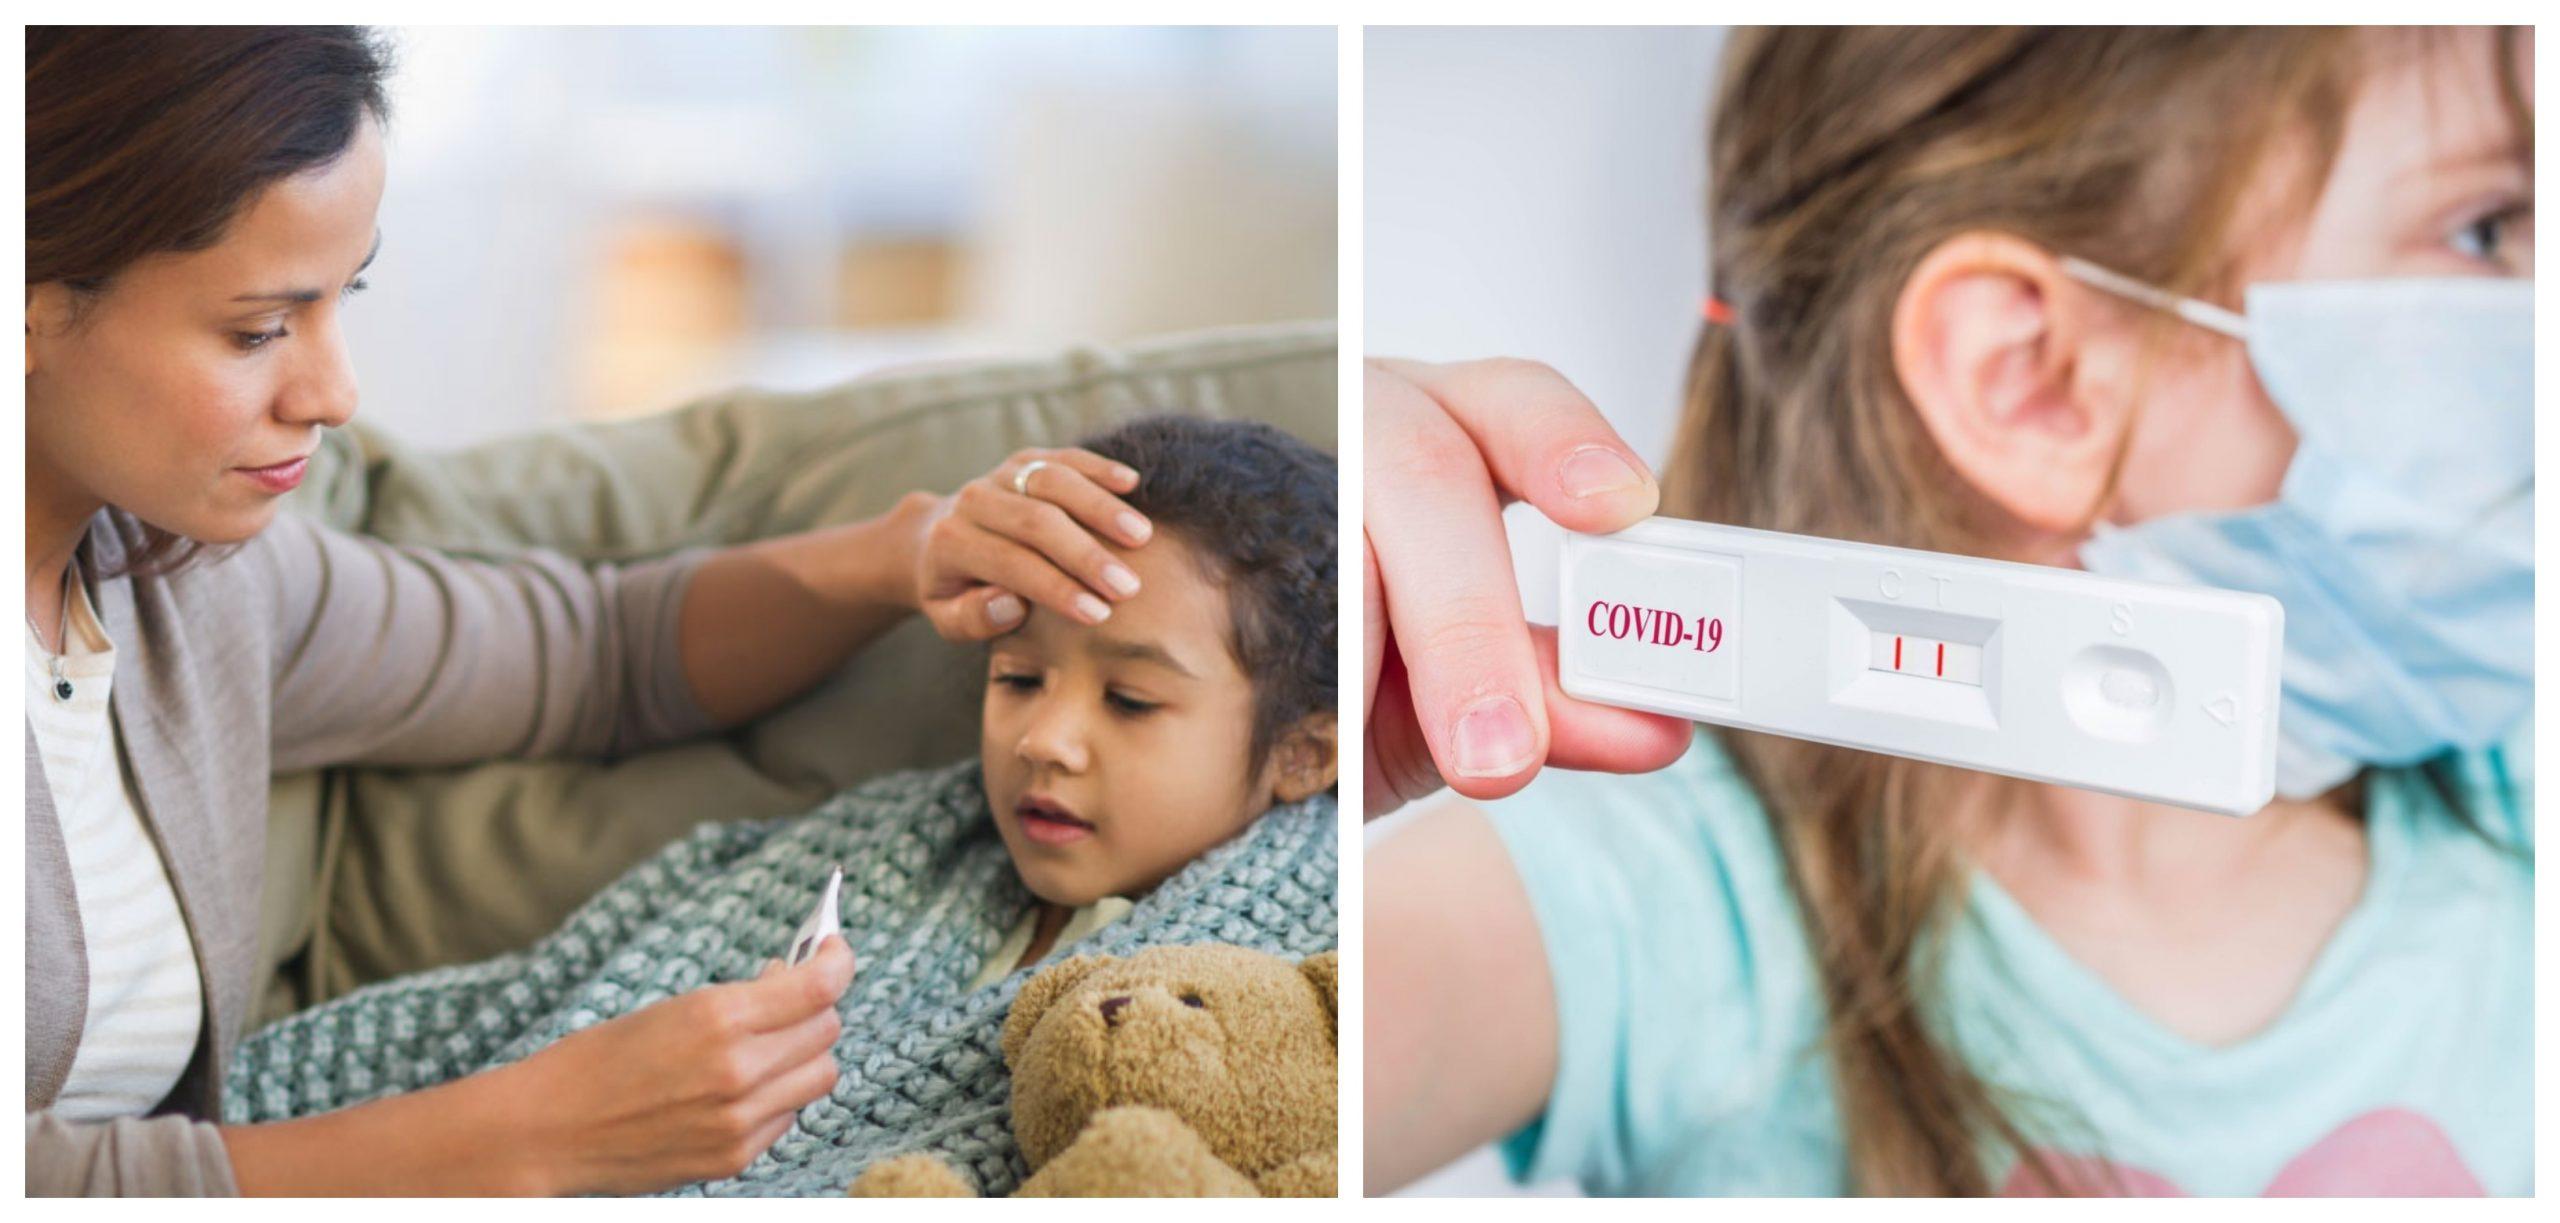 Copiii se îmbolnăvesc mai greu de covid. Ce spun studiile despre virus, în cazul celor mici